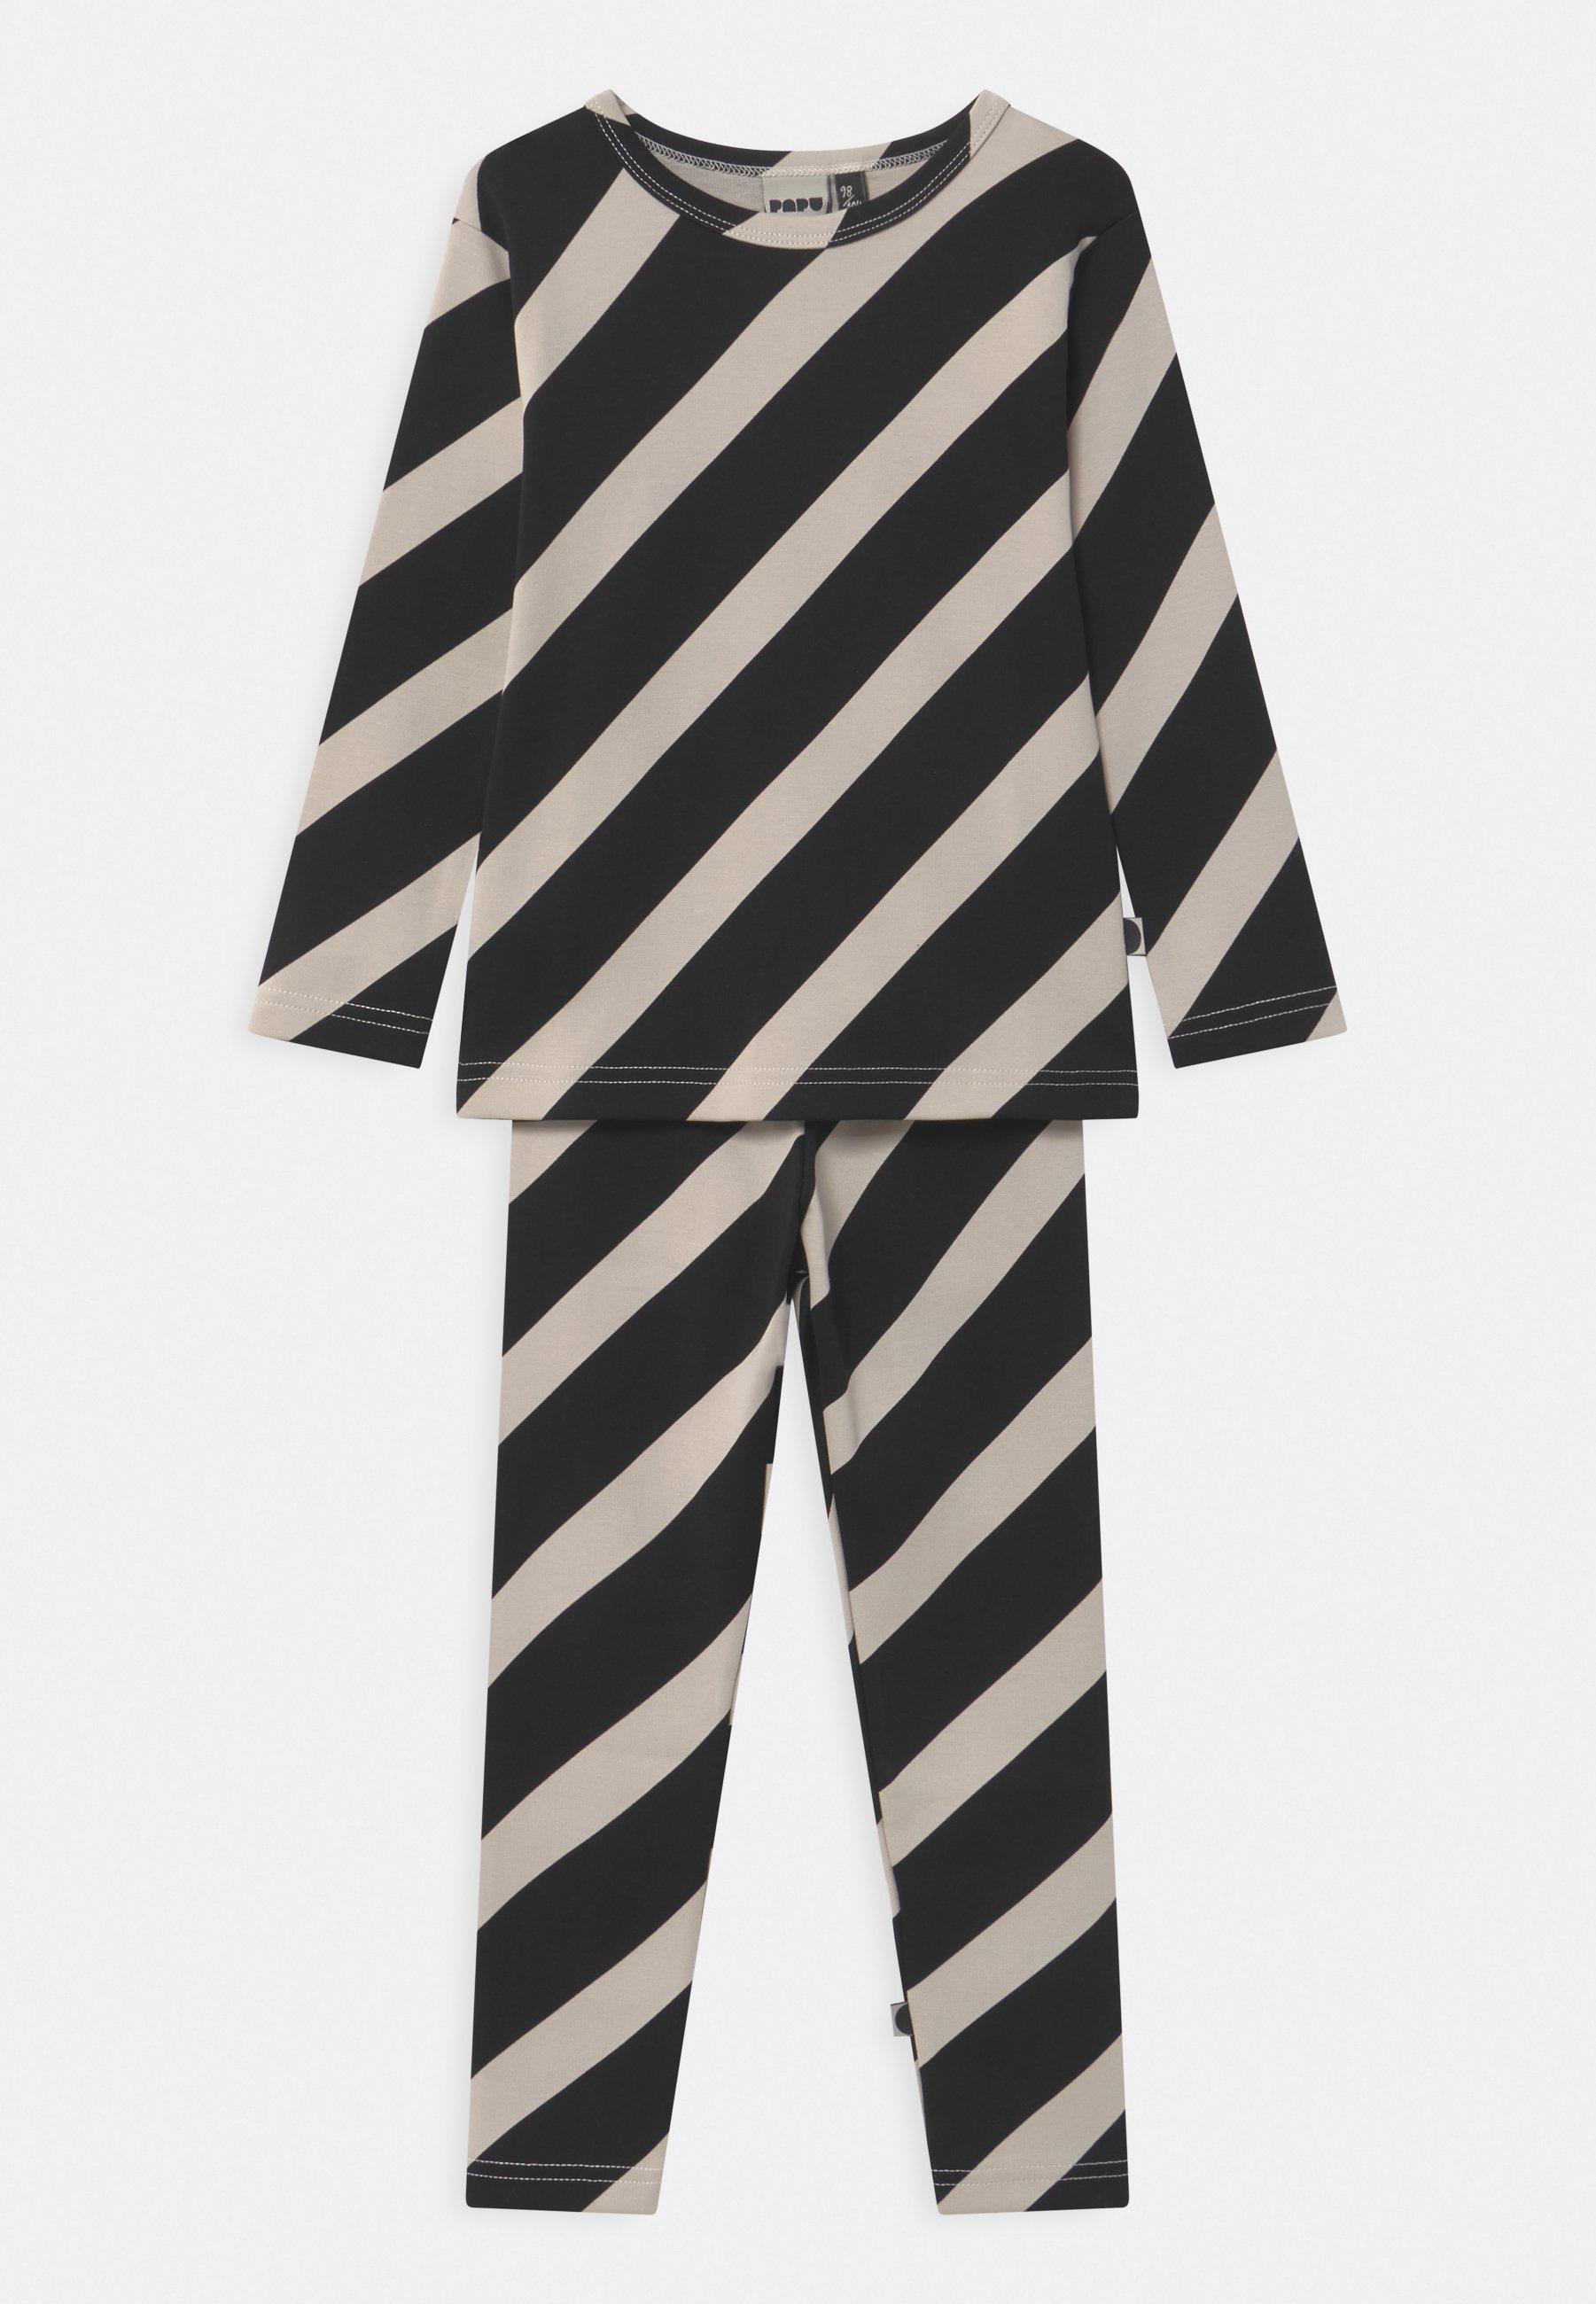 Enfant CLASSIC SET UNISEX - Legging